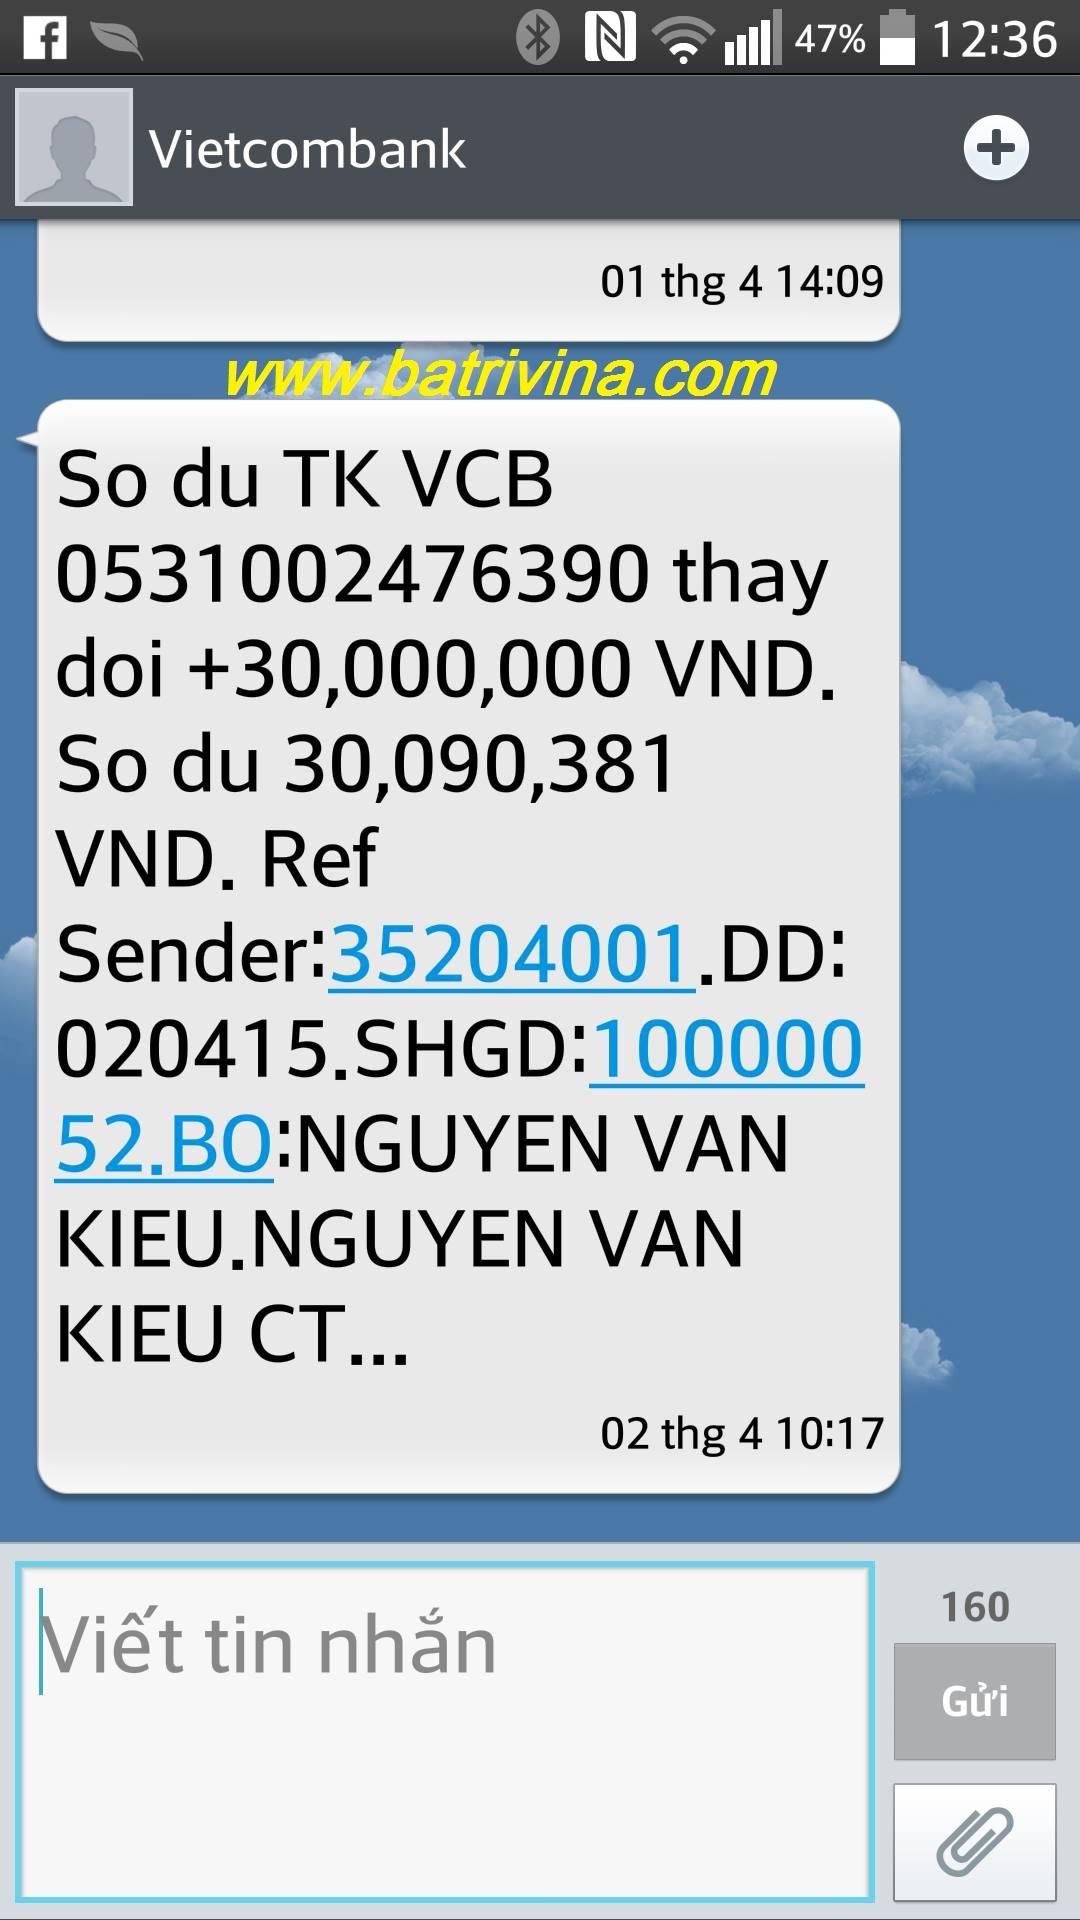 Khách hàng Nguyễn Văn Kiểu